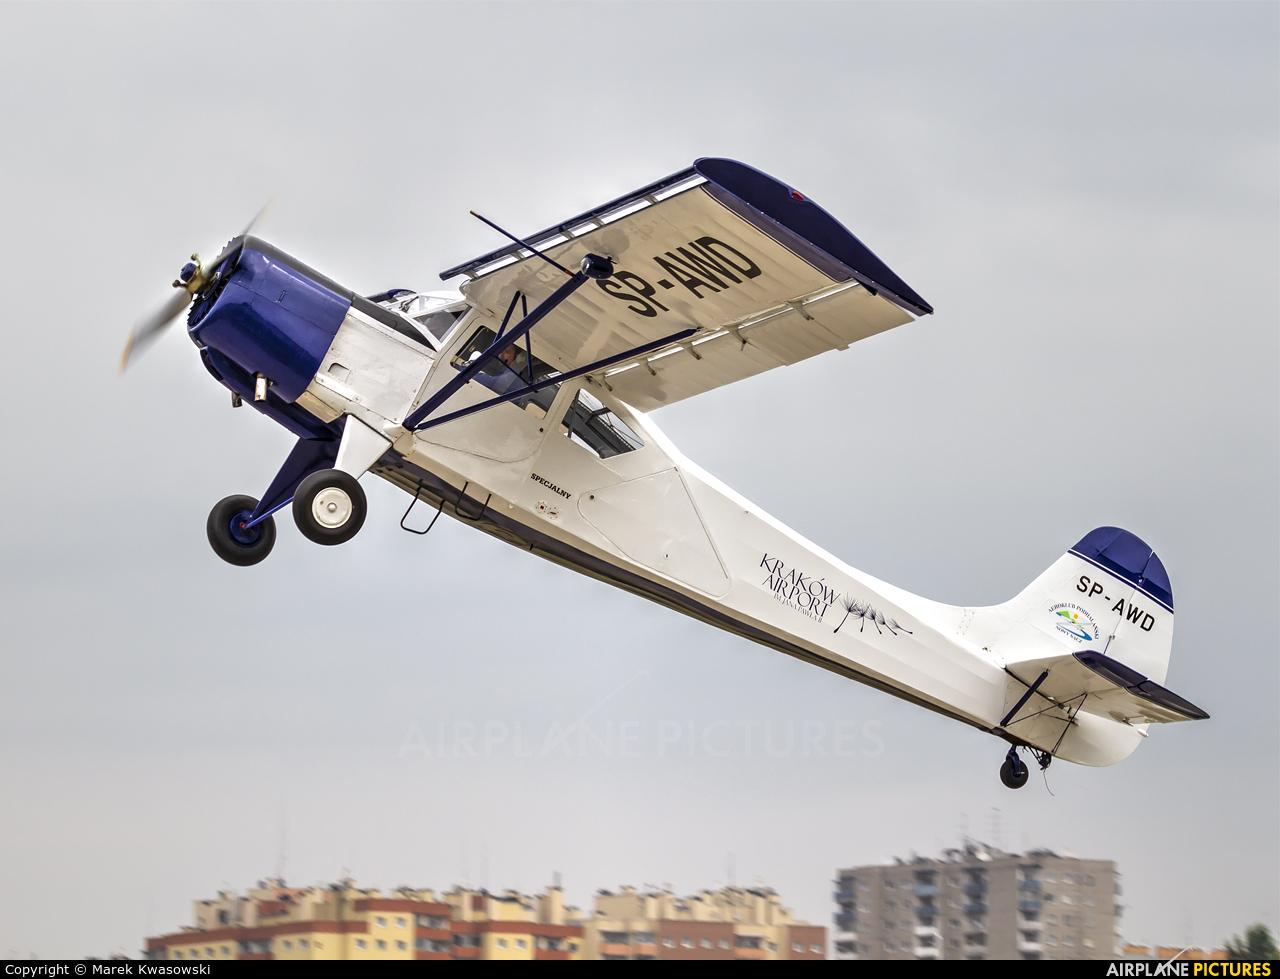 Aeroclub of Poland SP-AWD aircraft at Kraków, Rakowice Czyżyny - Museum of Polish Aviation